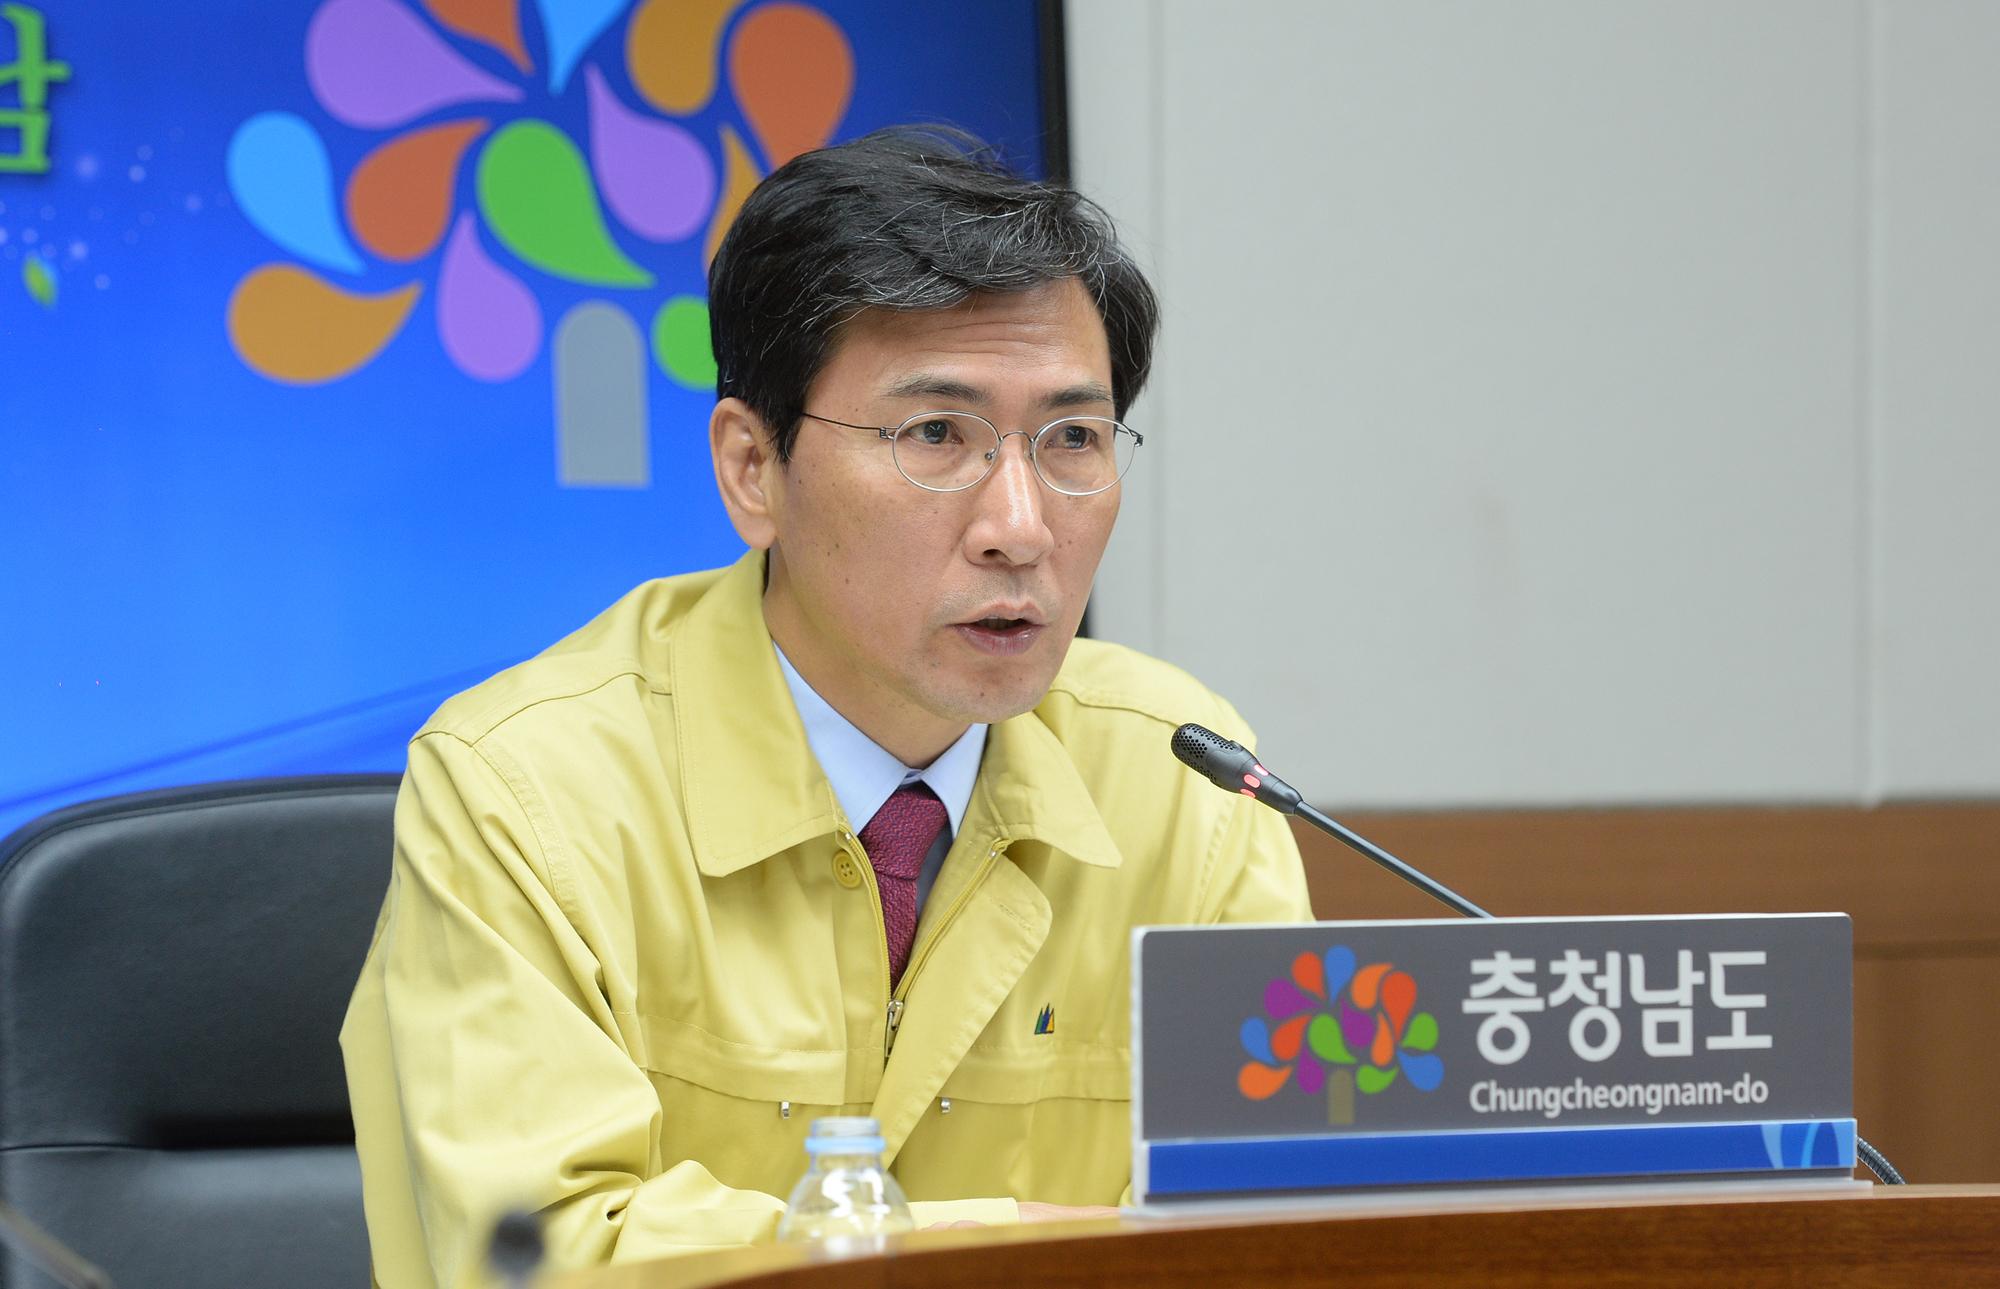 """안희정 """"박 대통령 '선의' 표현, 적절치 못해 죄송하다"""""""